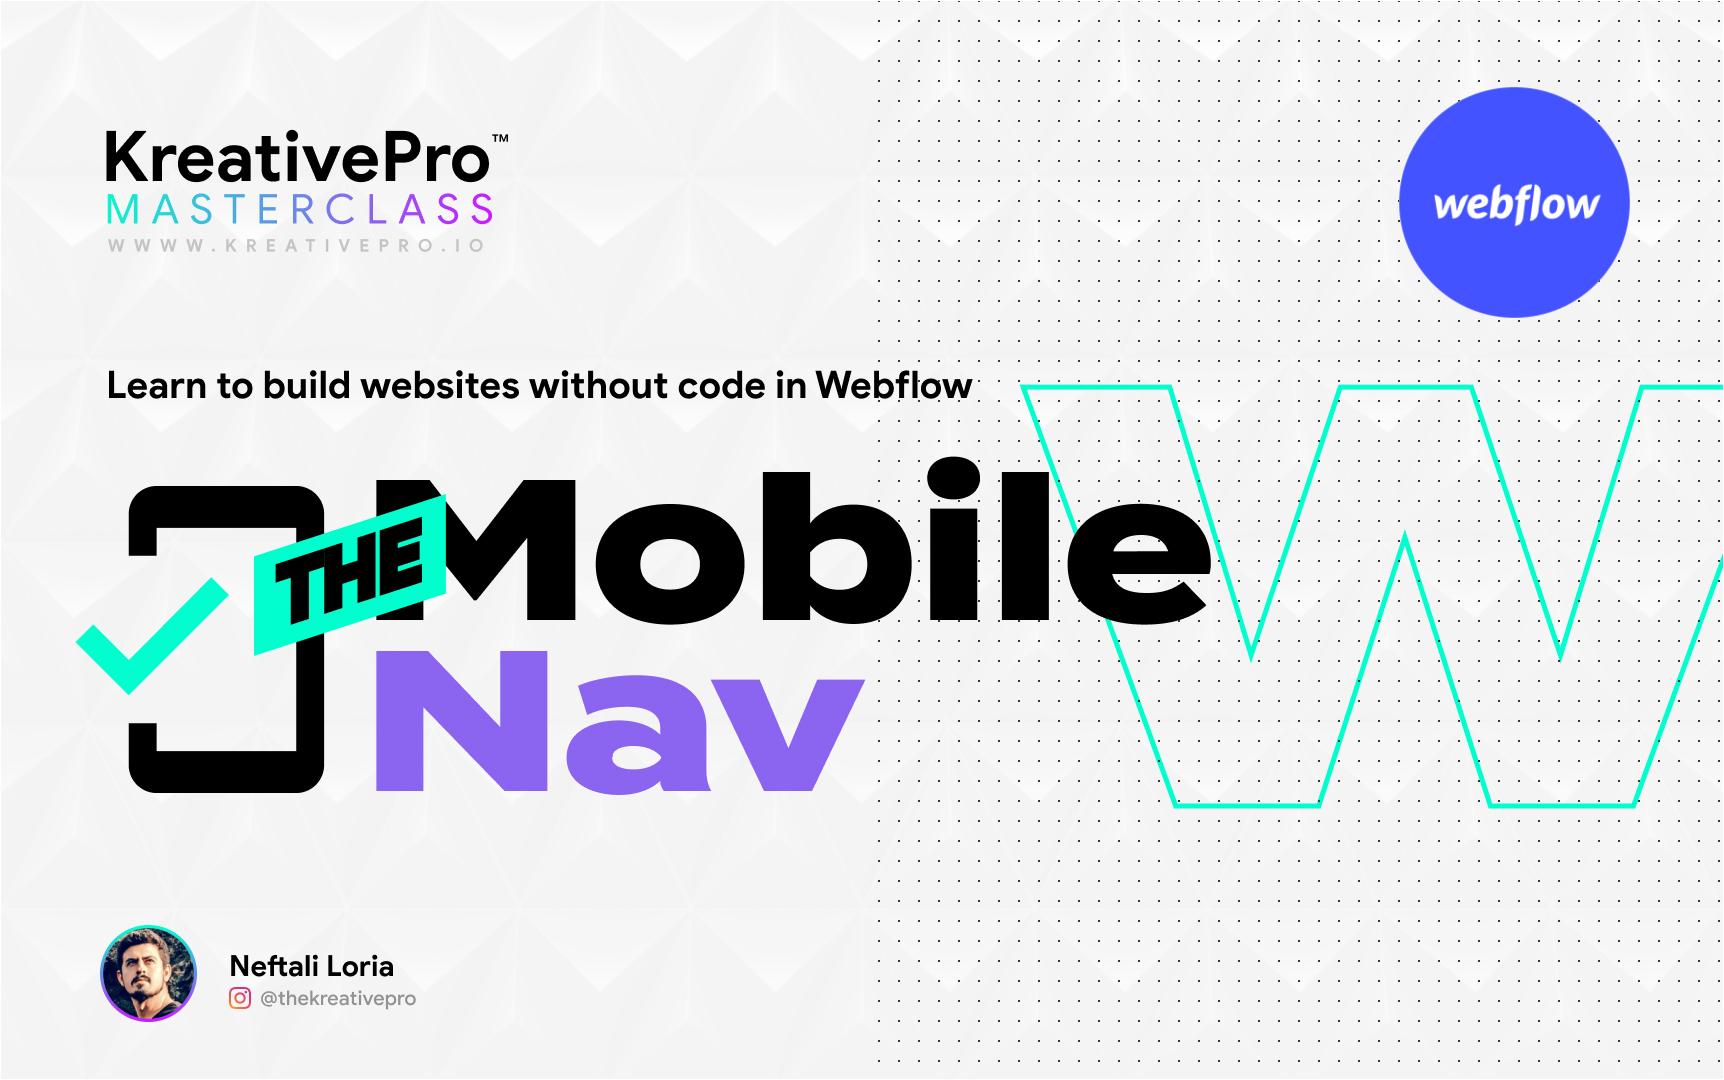 Webflow 4.3 - The Mobile Nav